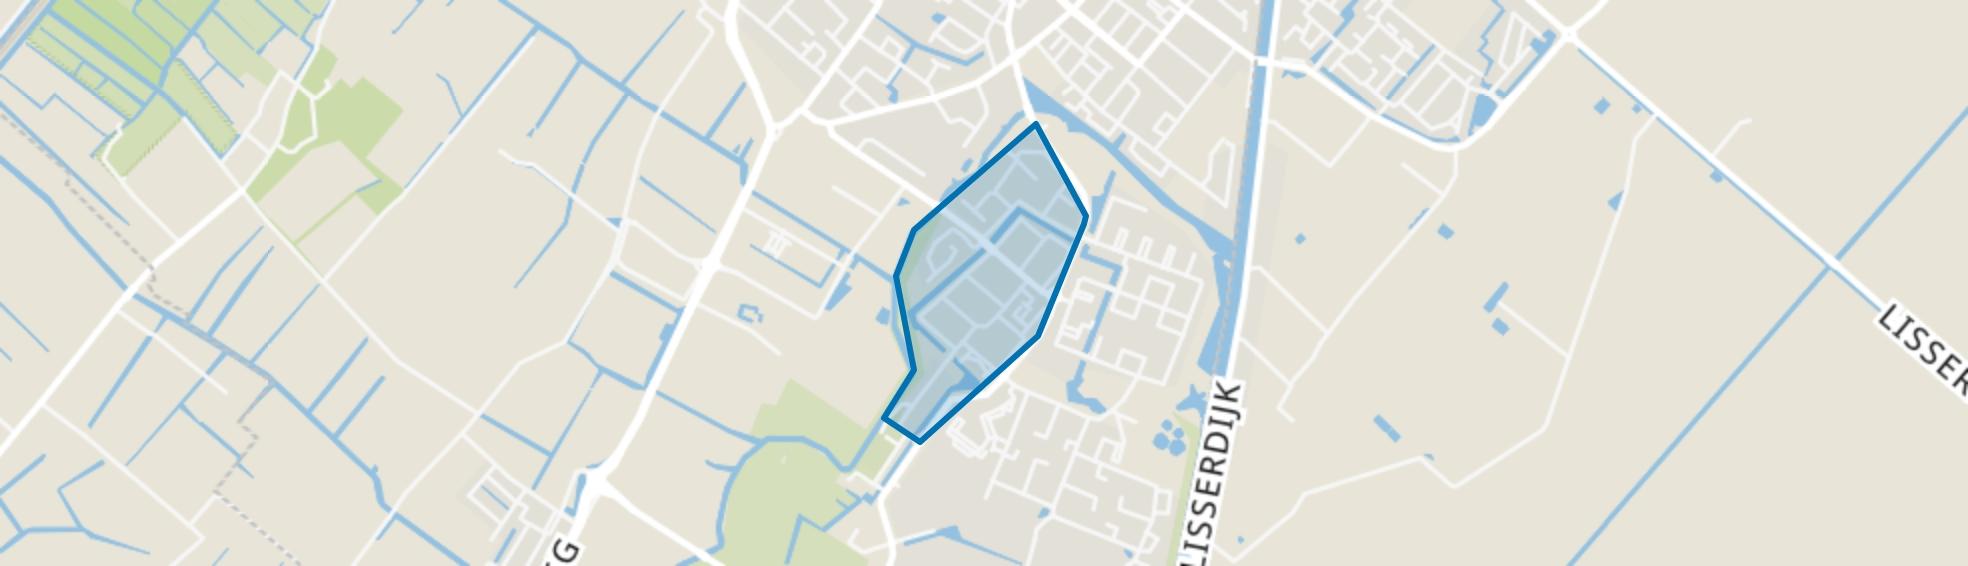 Vogelbuurt, Lisse map